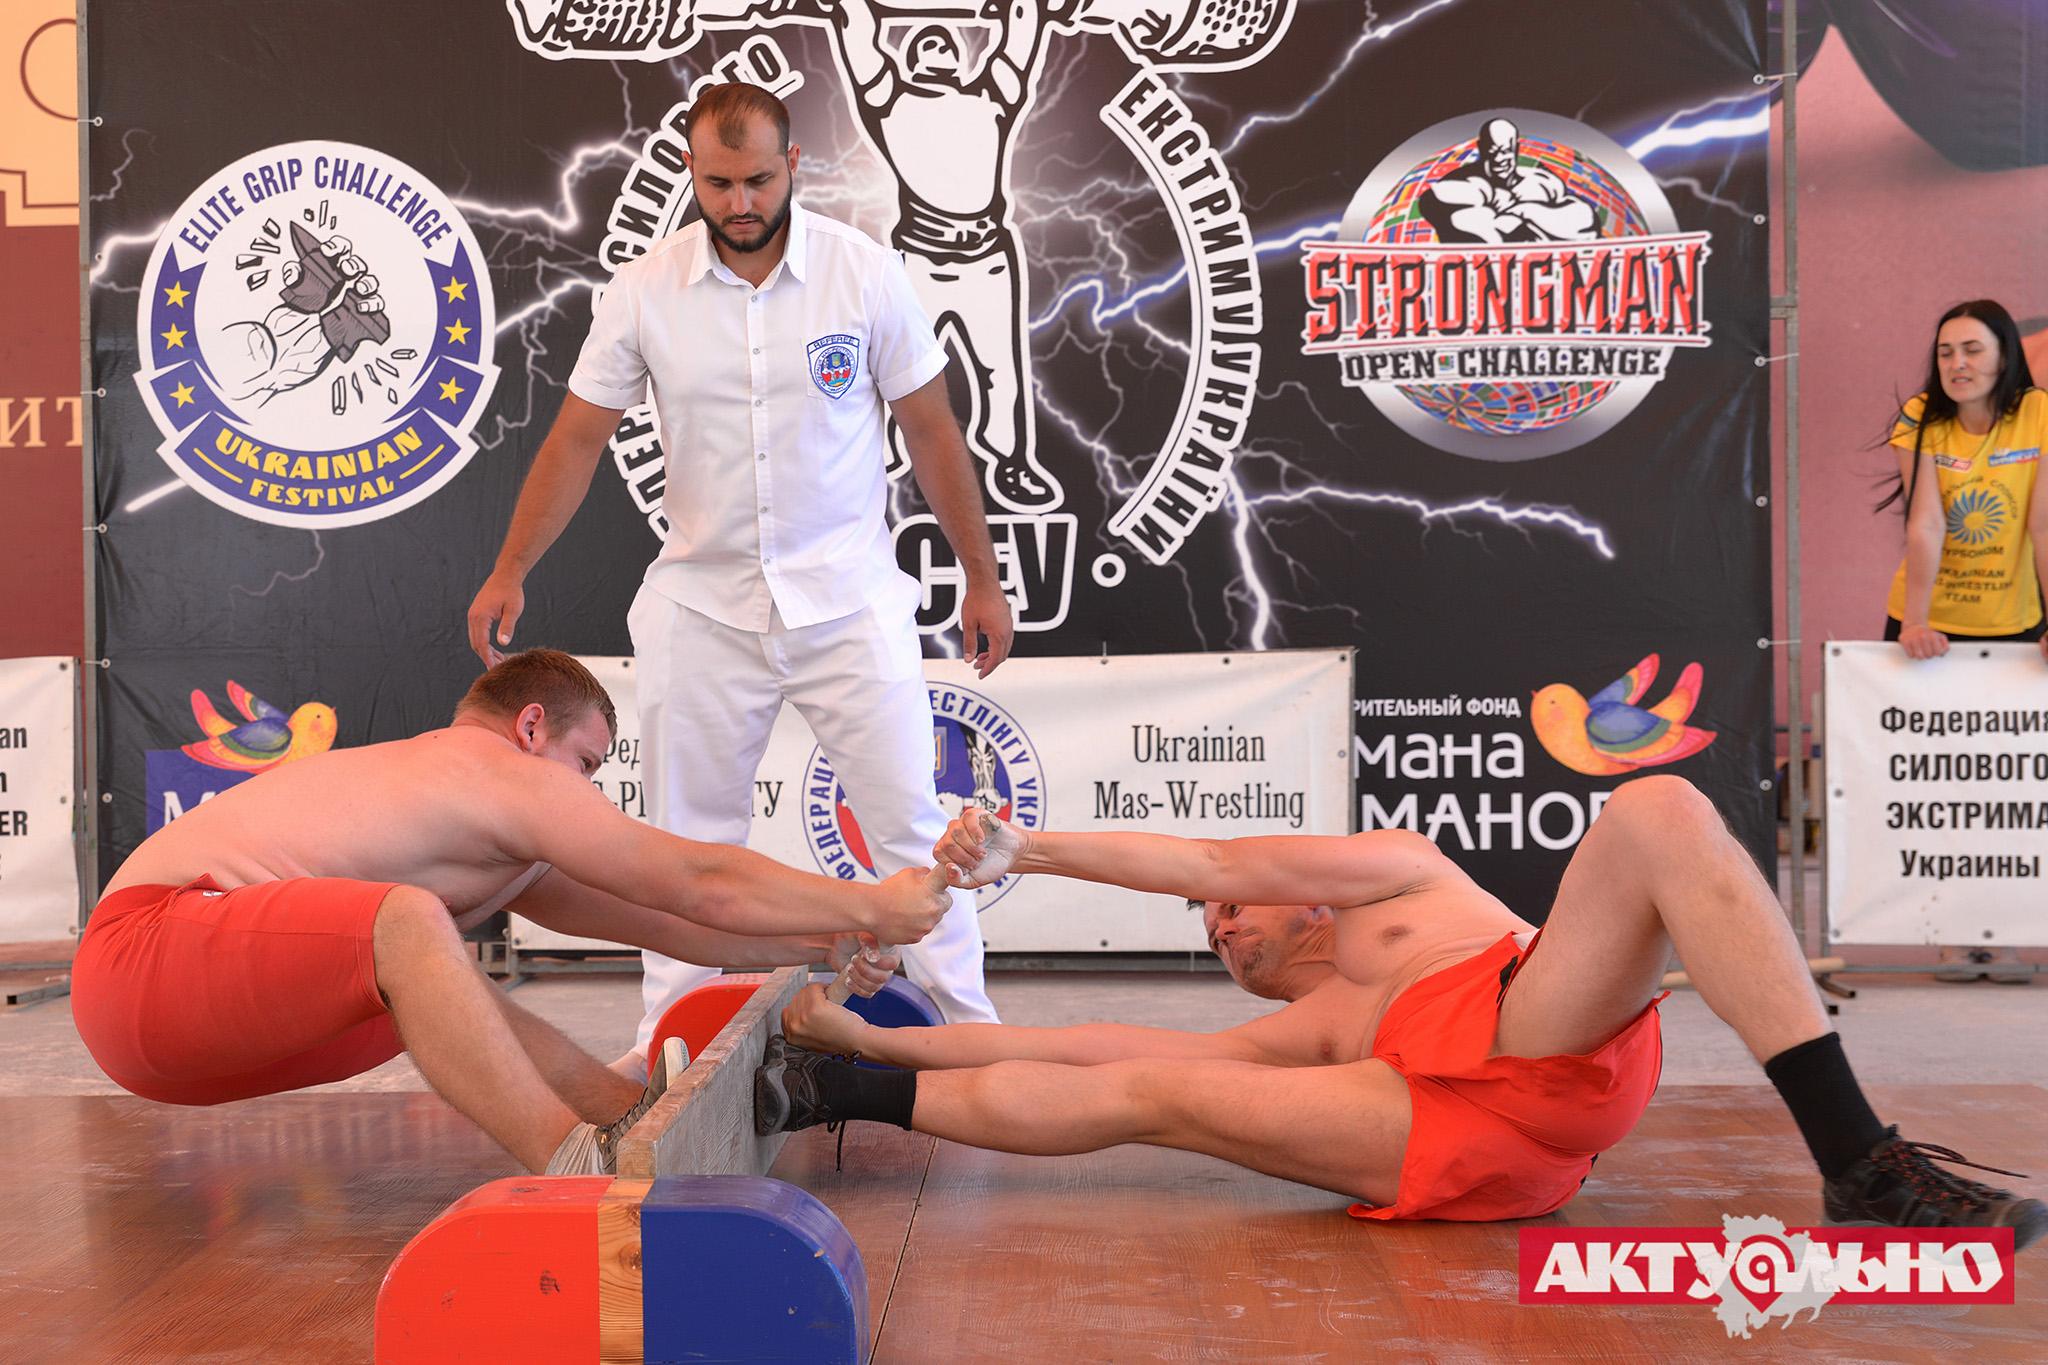 Сборная Запорожской области по мас-рестлингу стала третьей в общем зачете чемпионата Украины